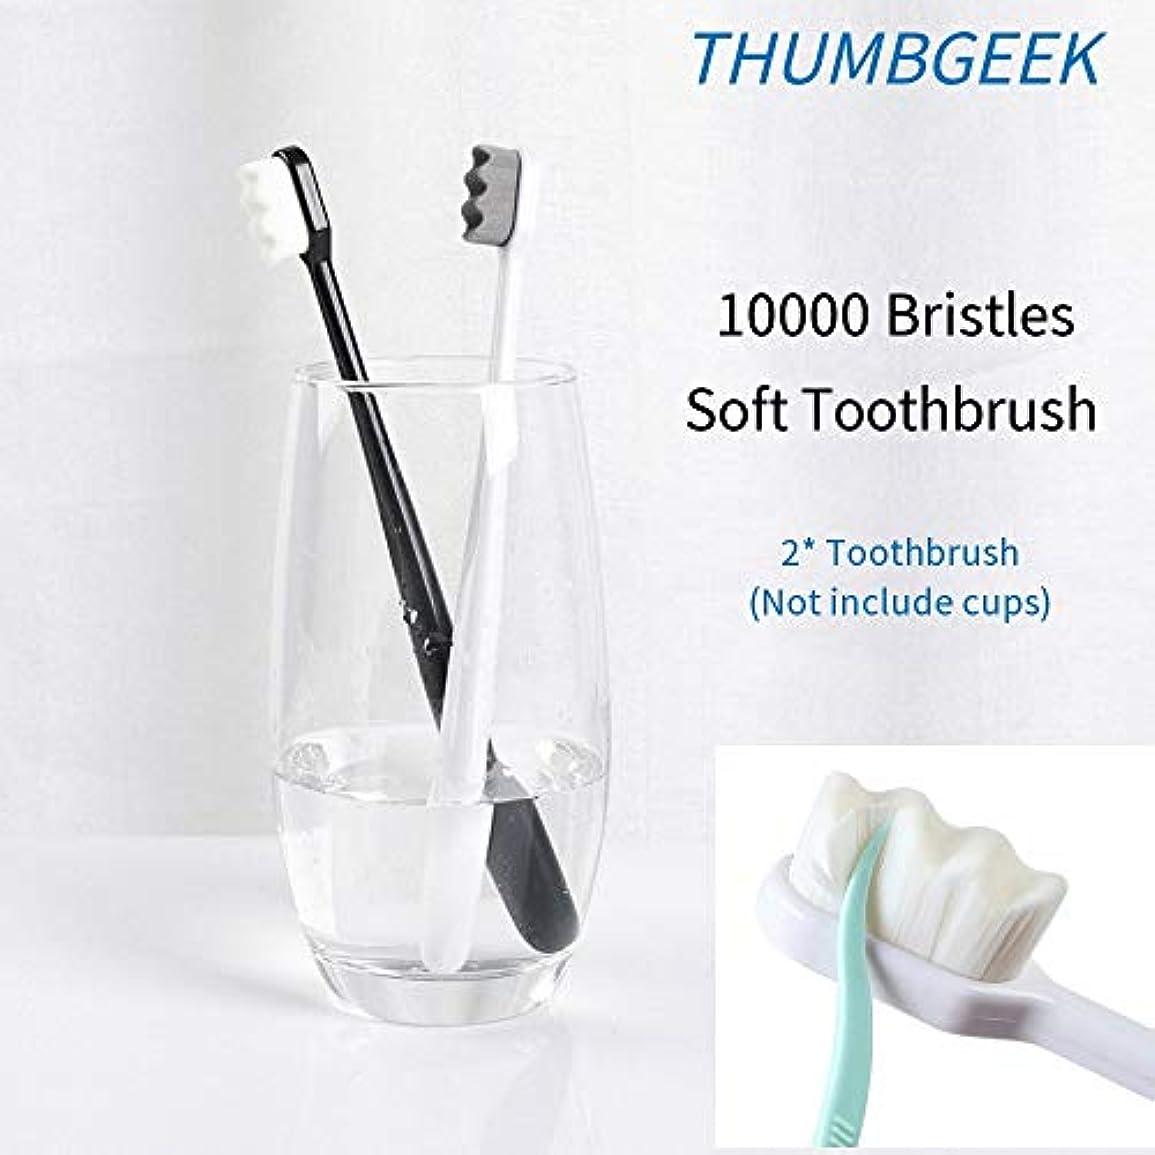 抜本的な爪間違えた2本の歯ブラシ、ウルトラソフト歯ブラシ、家族の妊娠中の女性用、年配の看護の歯肉に敏感なディープマウスクリーンオーラルケア、手動歯ブラシ